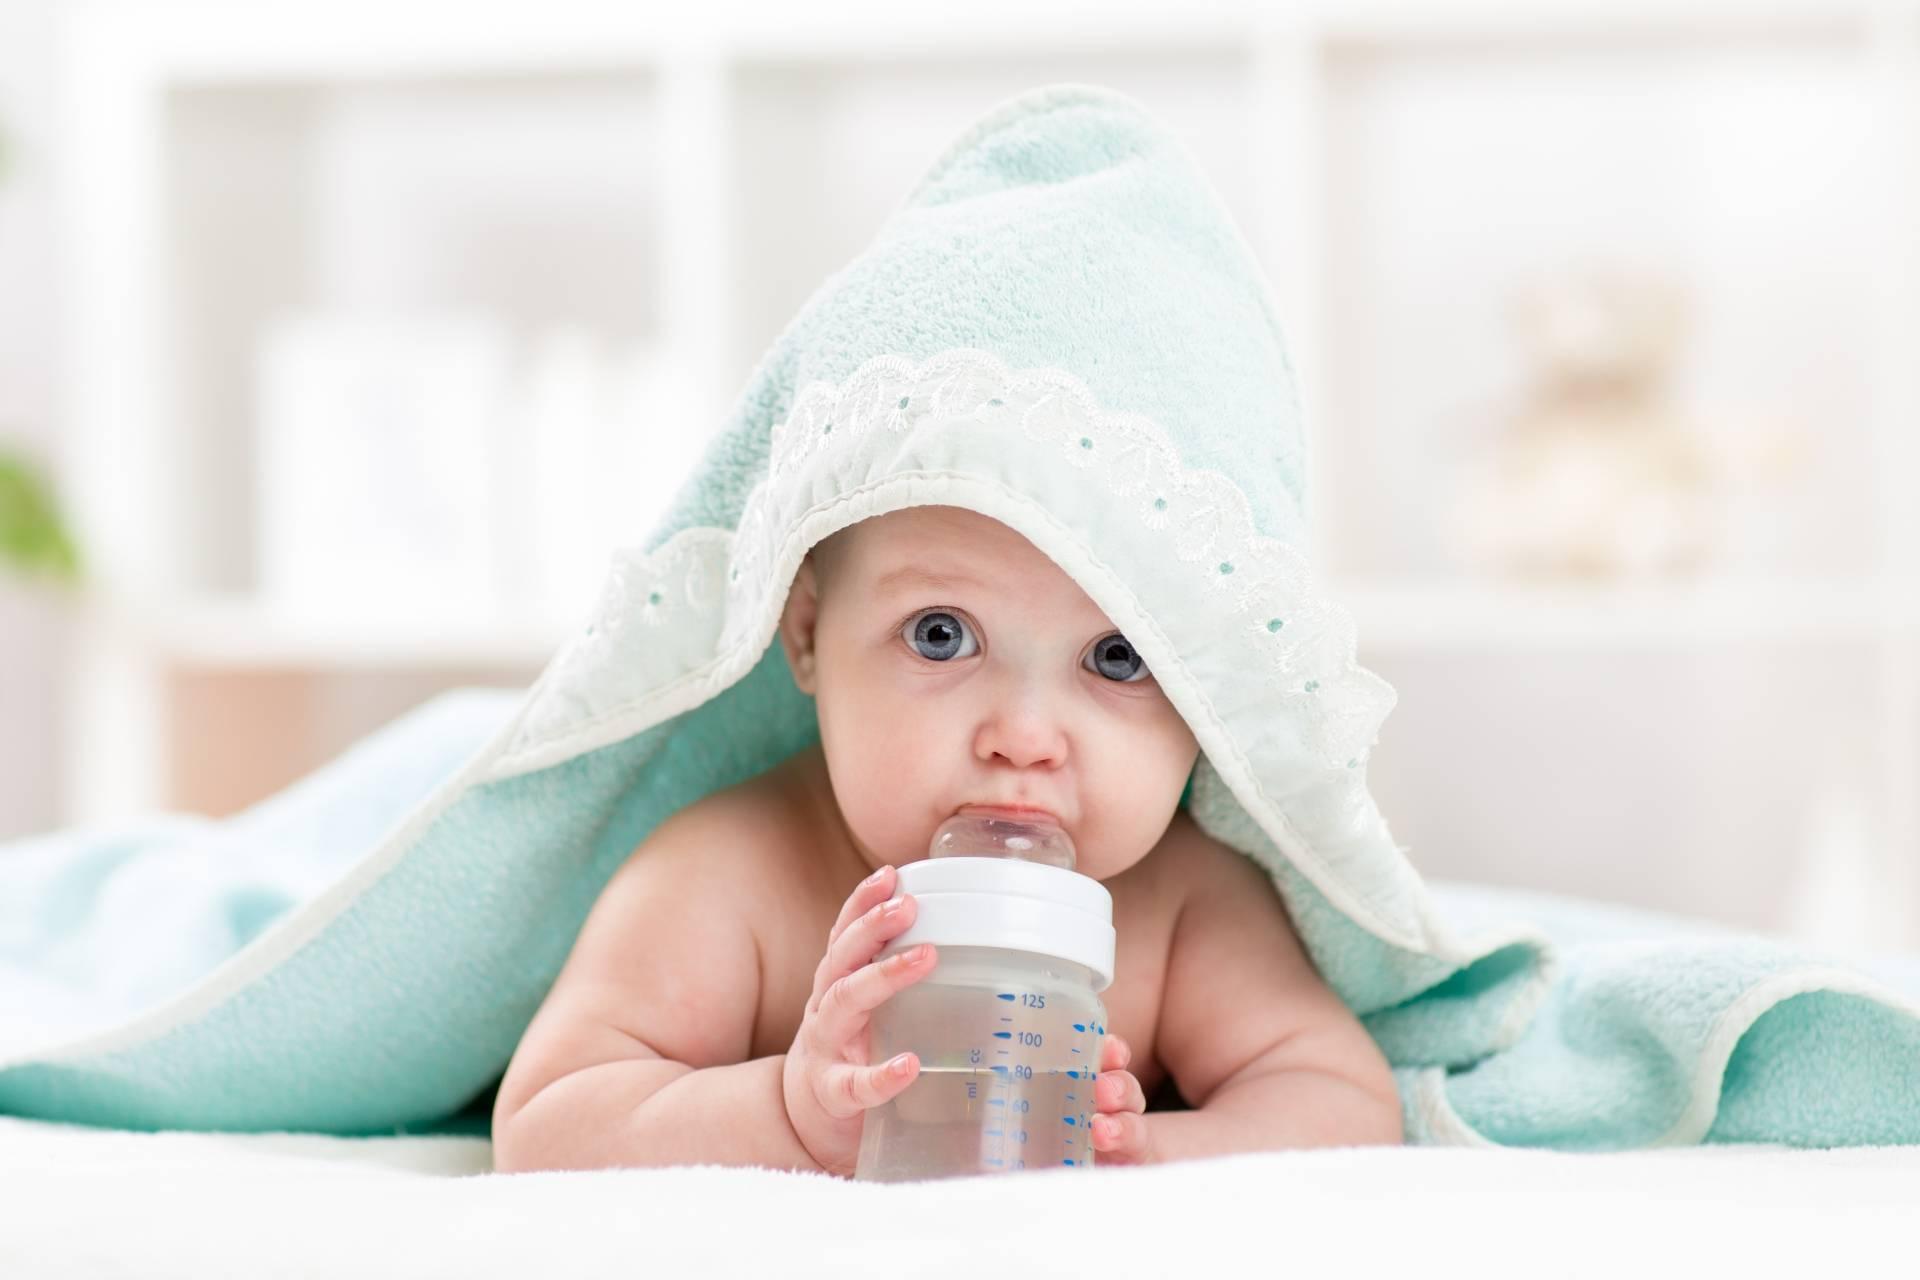 Elektrolity dla niemowląt i dzieci - kiedy je podawać? Niemowlę pod kocykiem pije wodę z butelki.